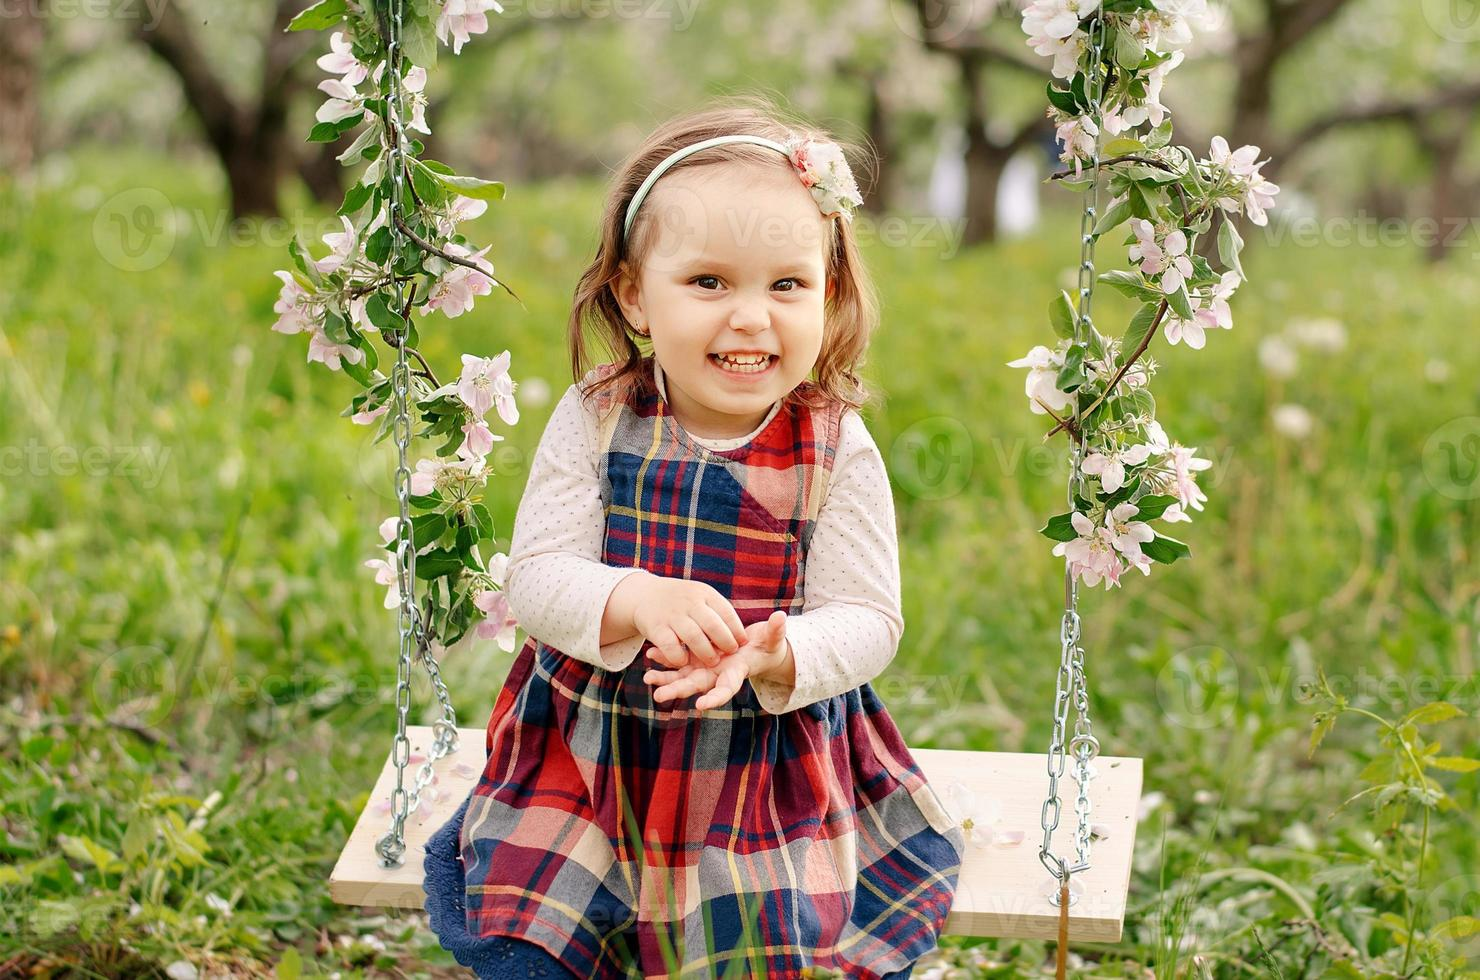 little girl on garden swing photo